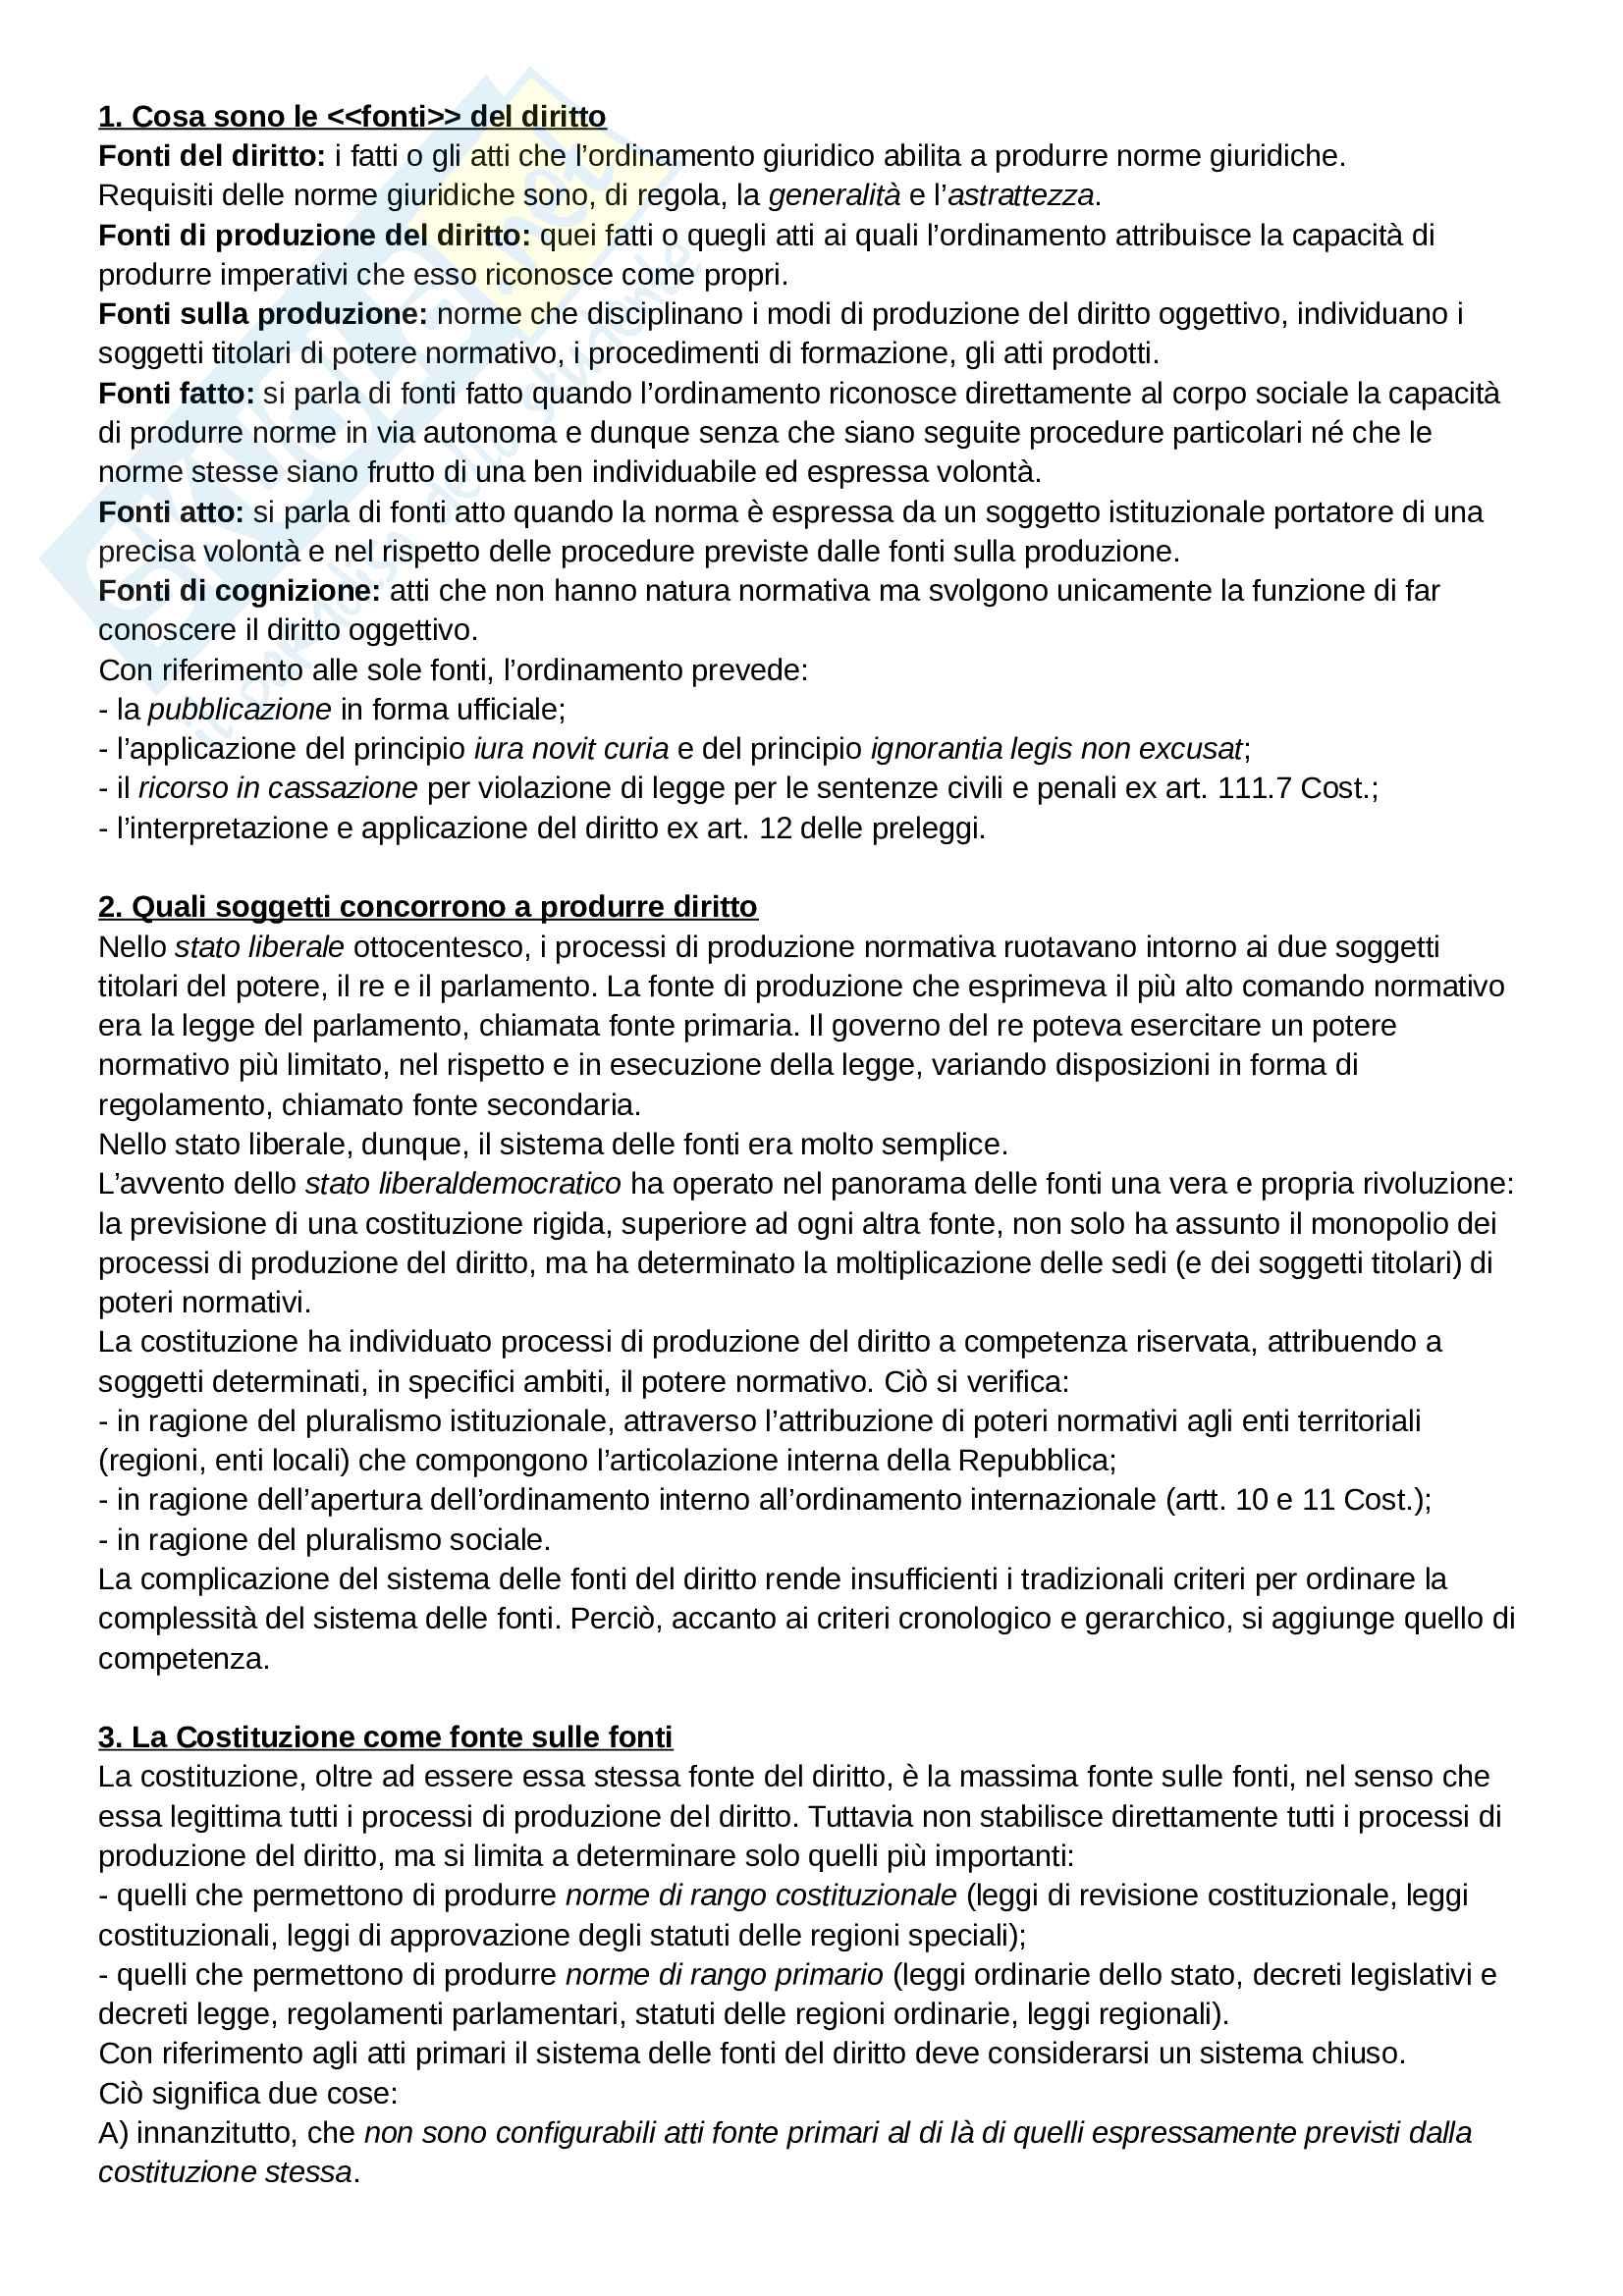 Riassunto esame Diritto Costituzionale, prof. Giupponi, libro consigliato Corso di Diritto Costituzionale di A.Barbera e C.Fusaro Pag. 21